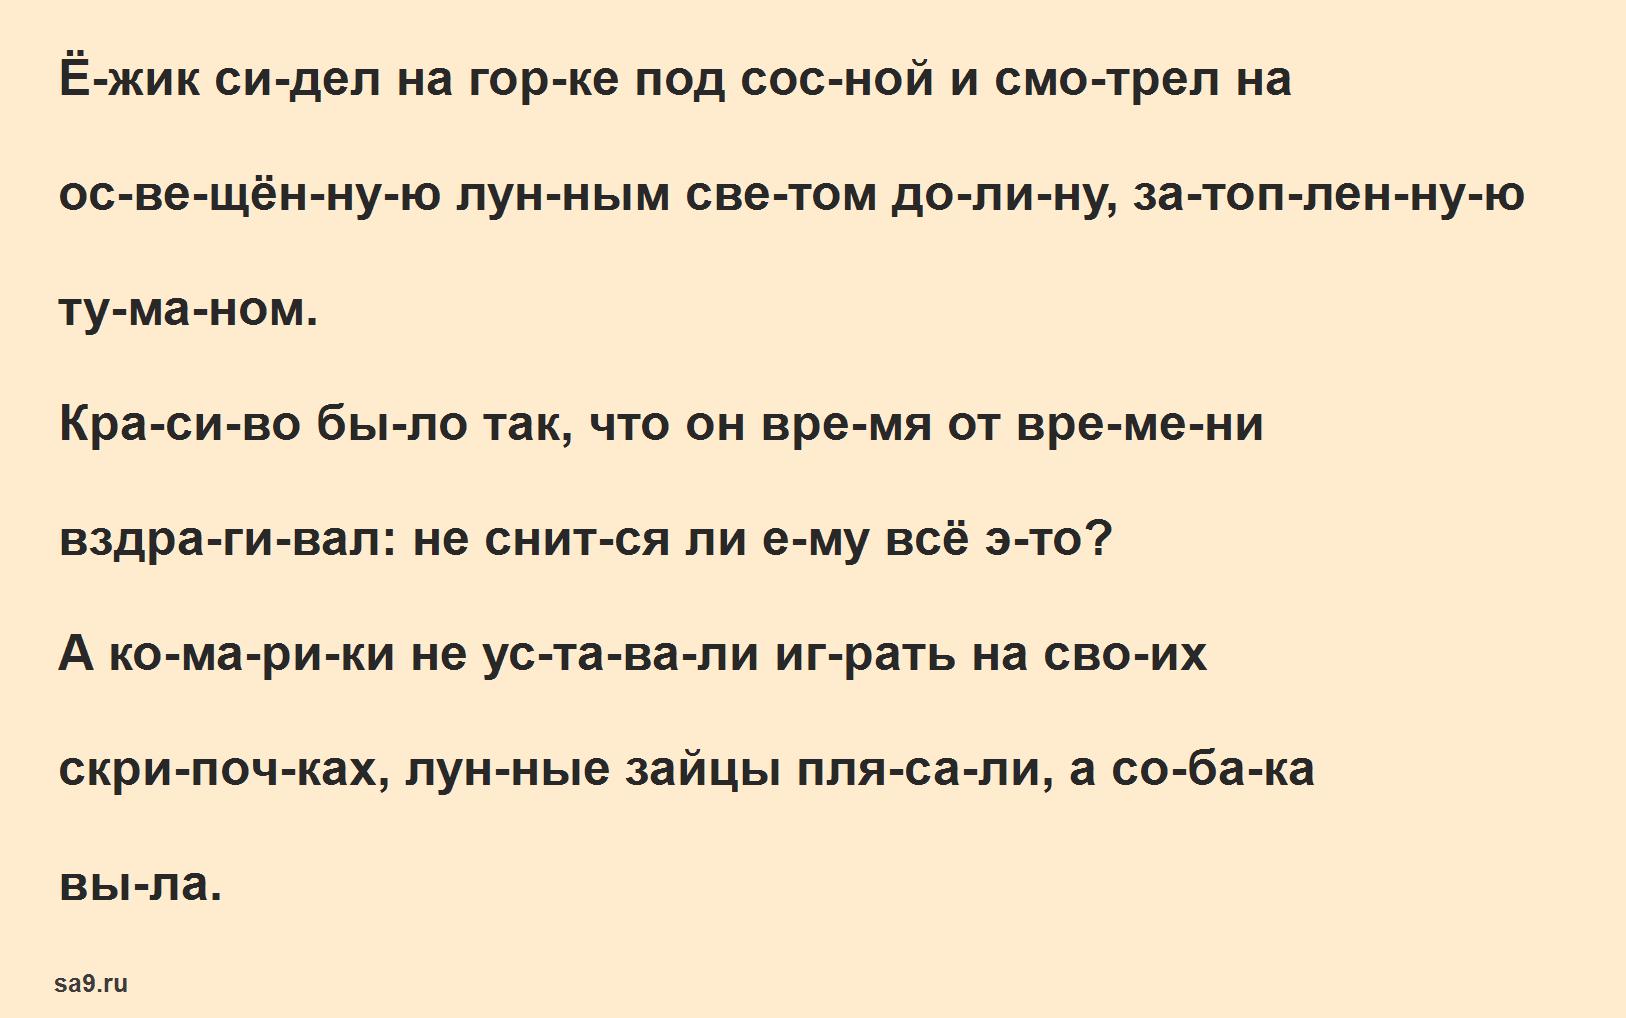 Сказка - Ежик, по слогам